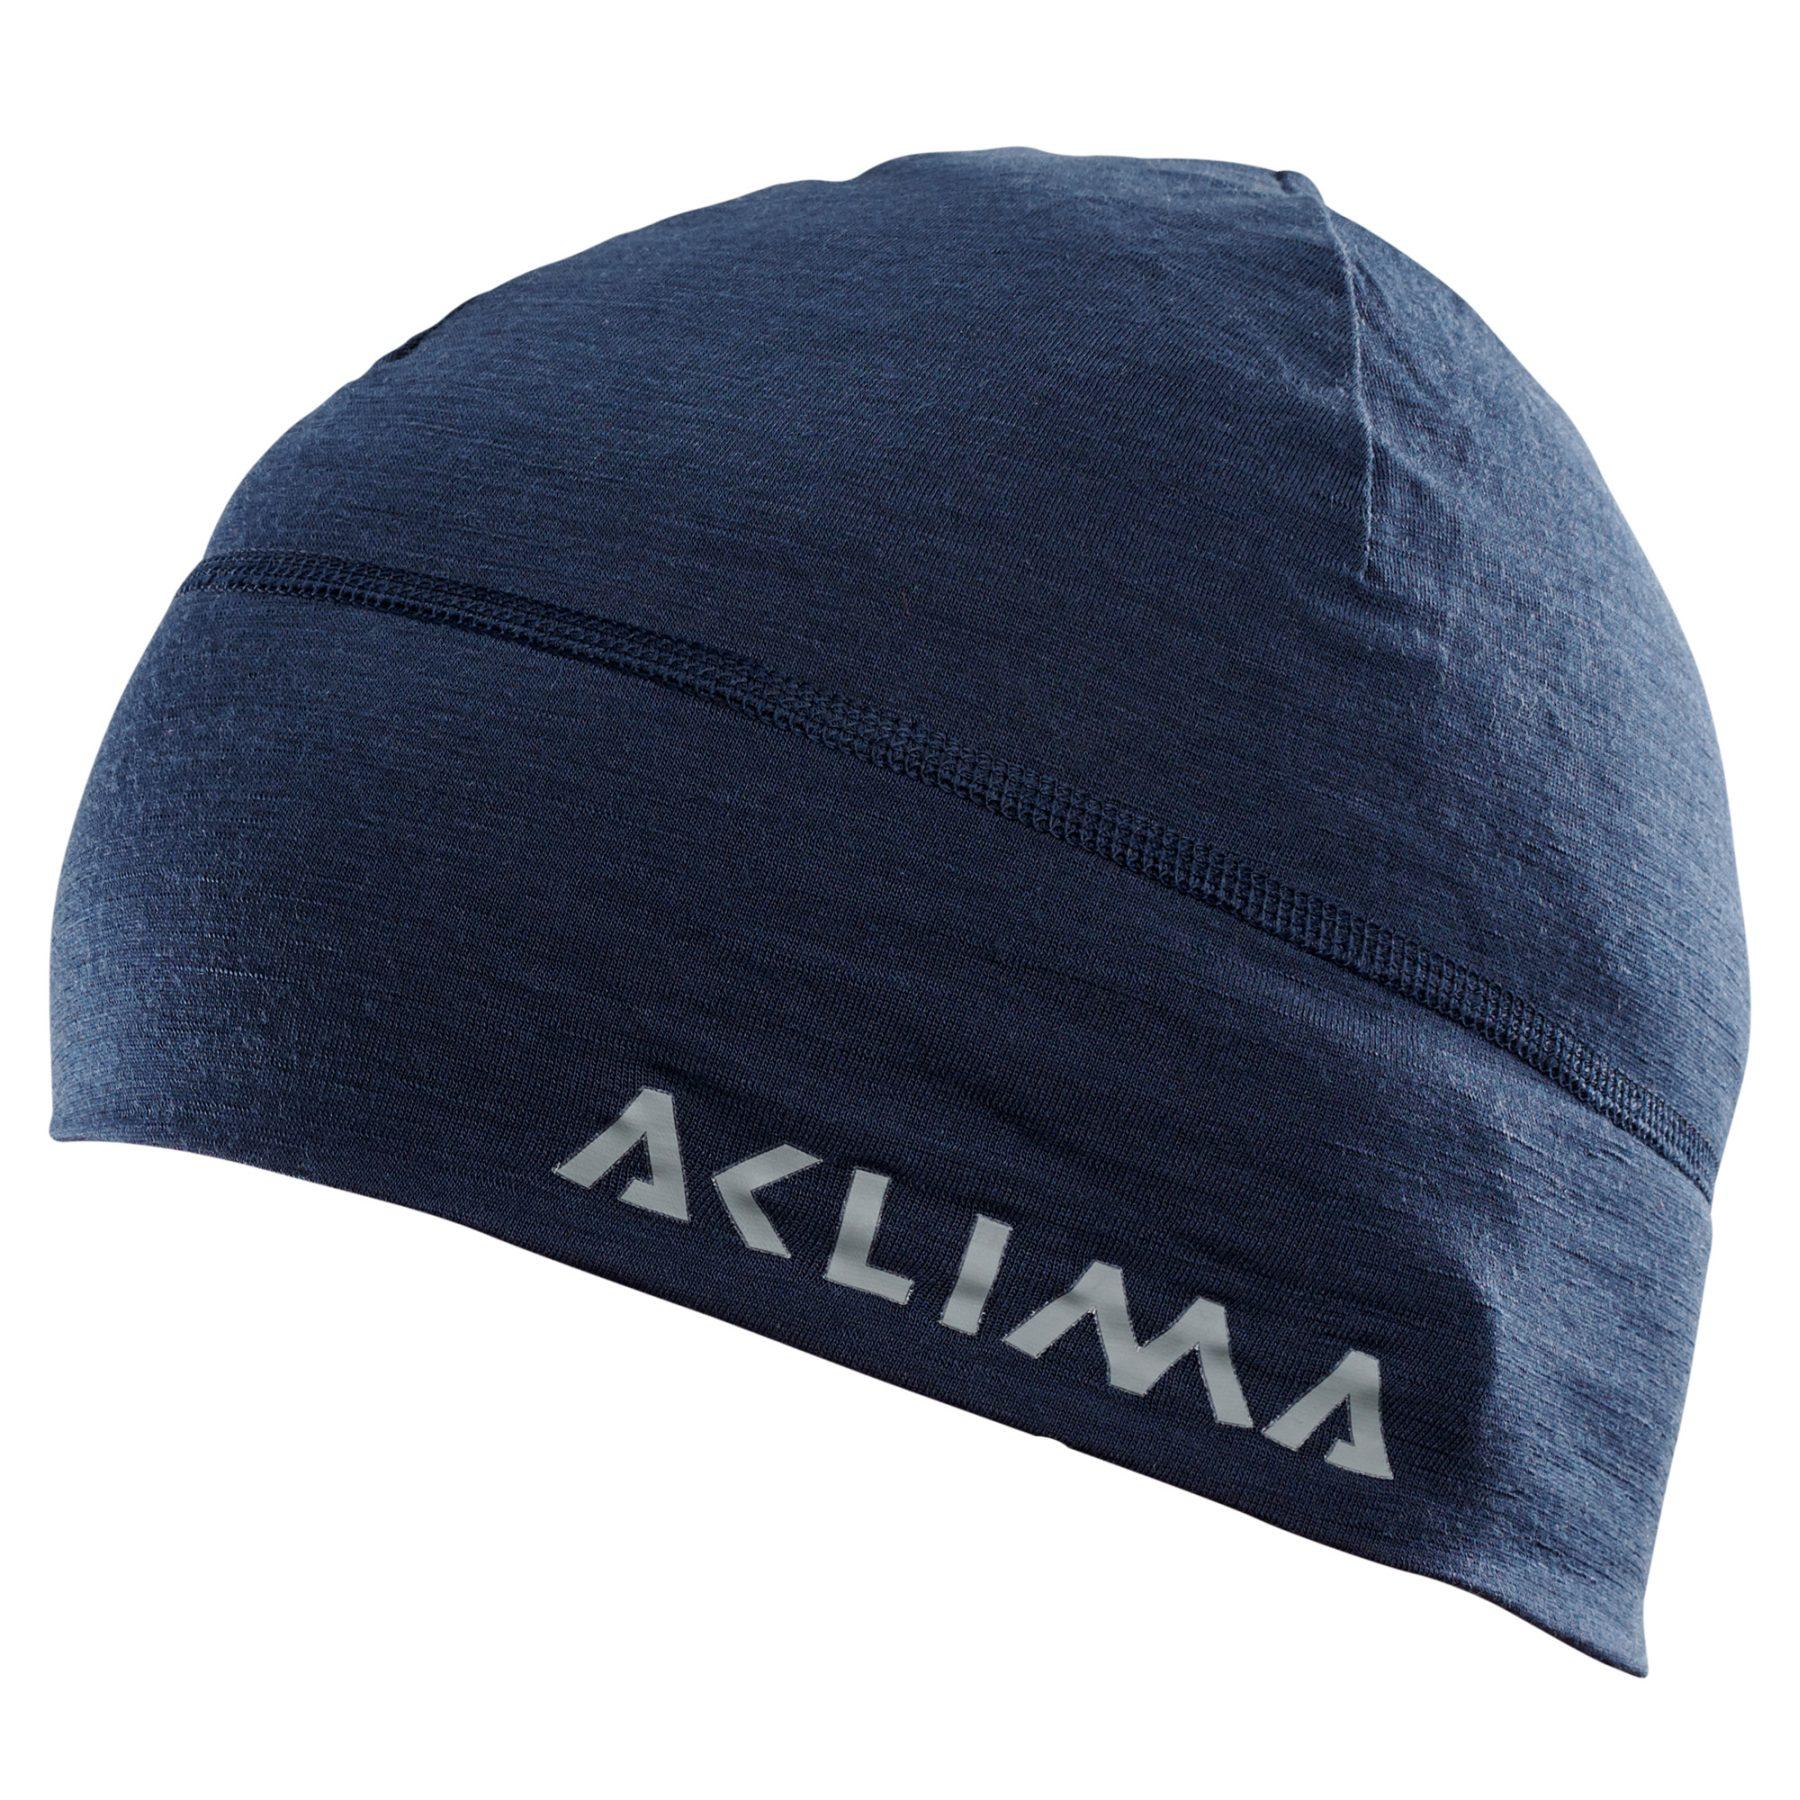 Aclima Lightwool Beanie - navy blazer